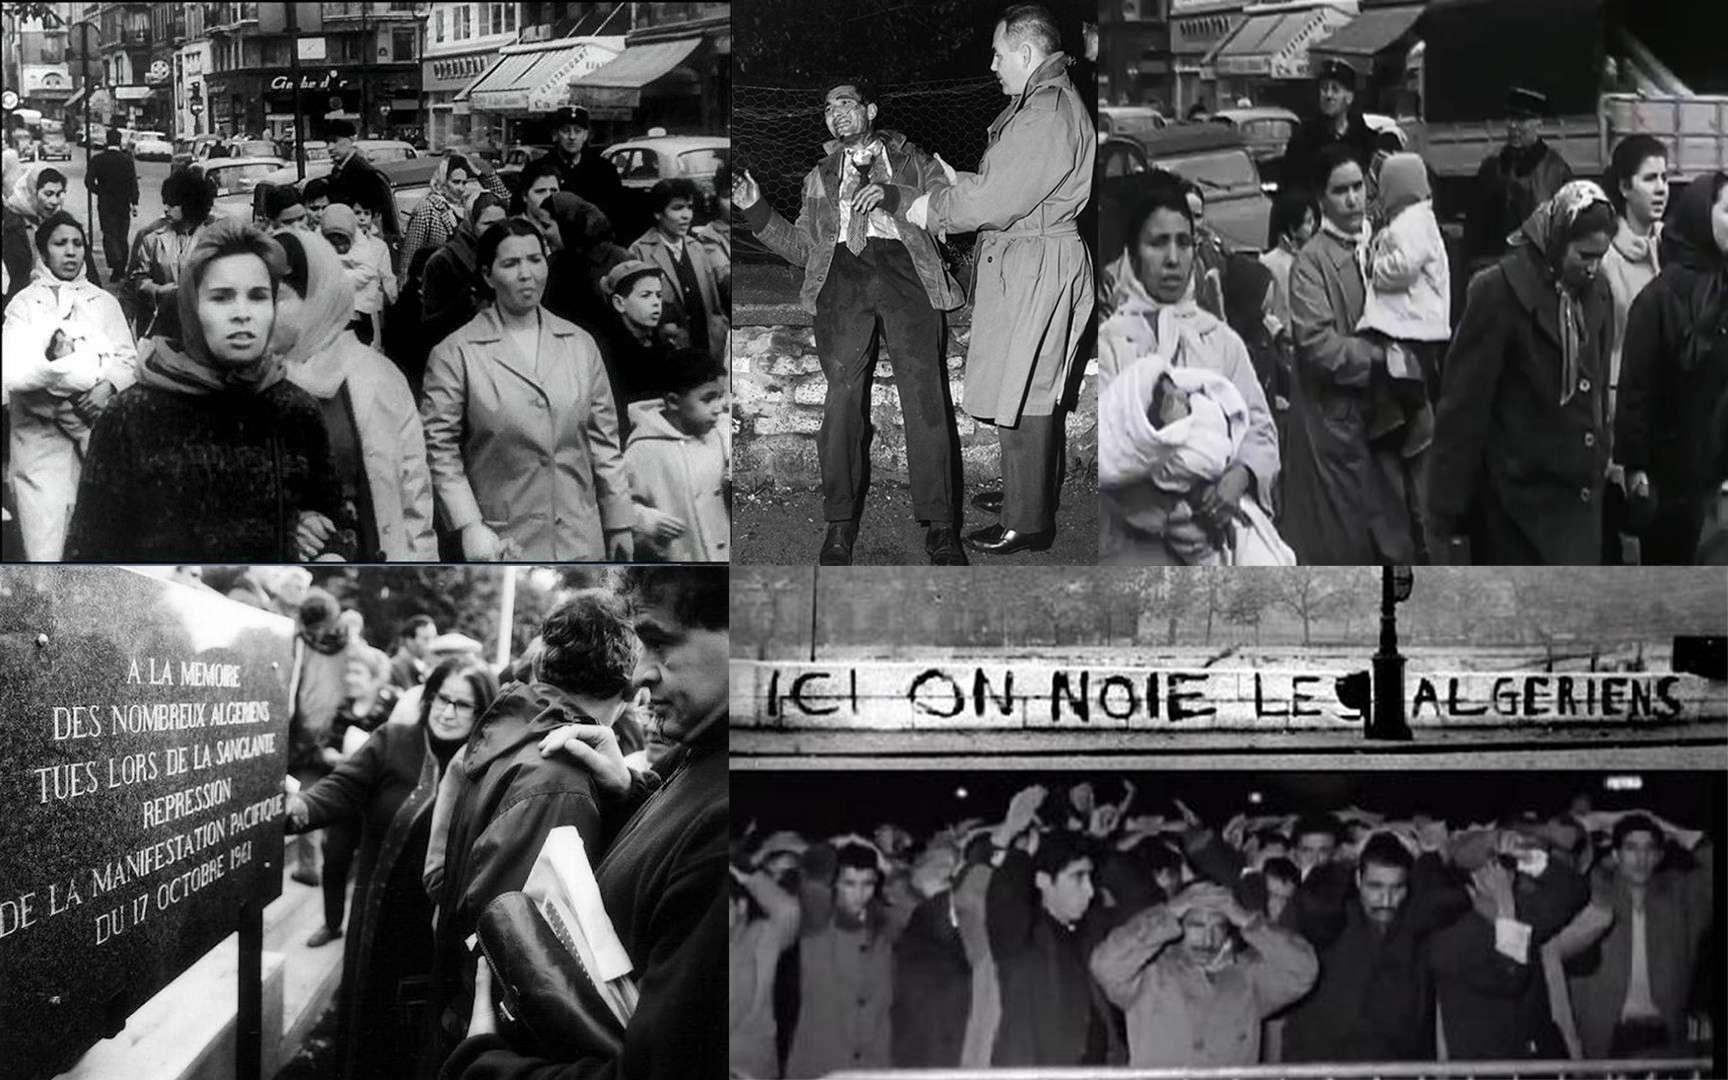 Massacre de la Seine le 17 octobre 1961 Ατεχνως Atexnos.gr